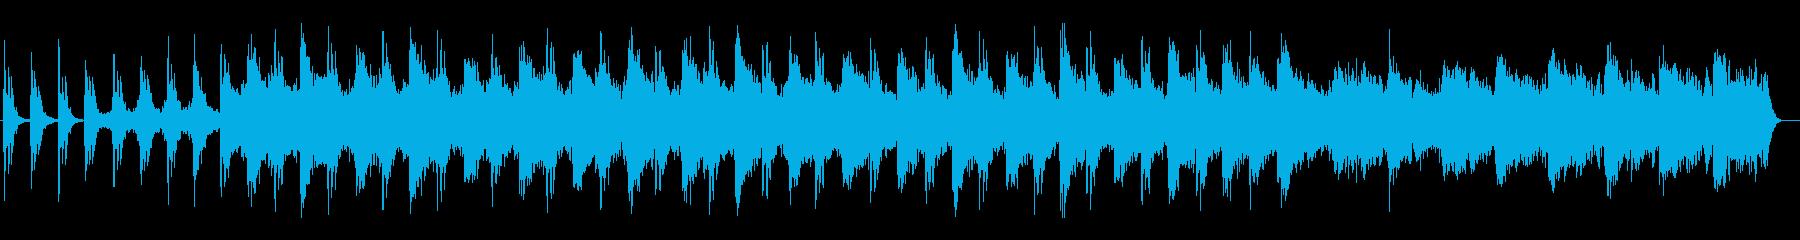 研ぎ澄まされるような趣のストリングス曲の再生済みの波形